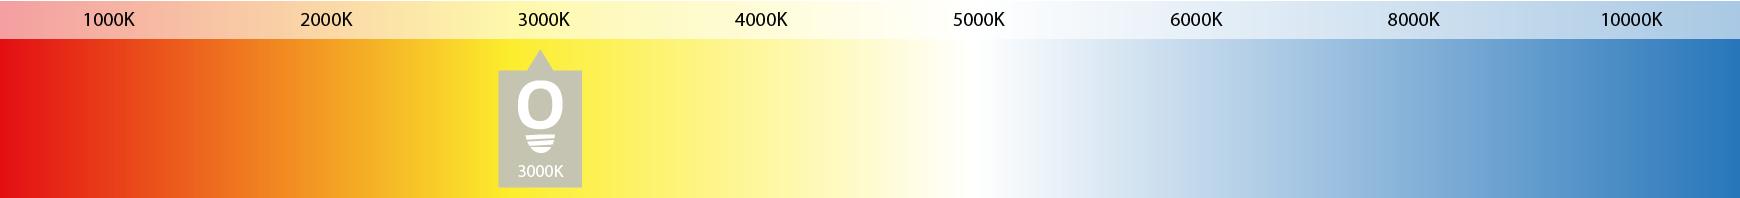 kelvin-kleur-schaal-koopled-3000K